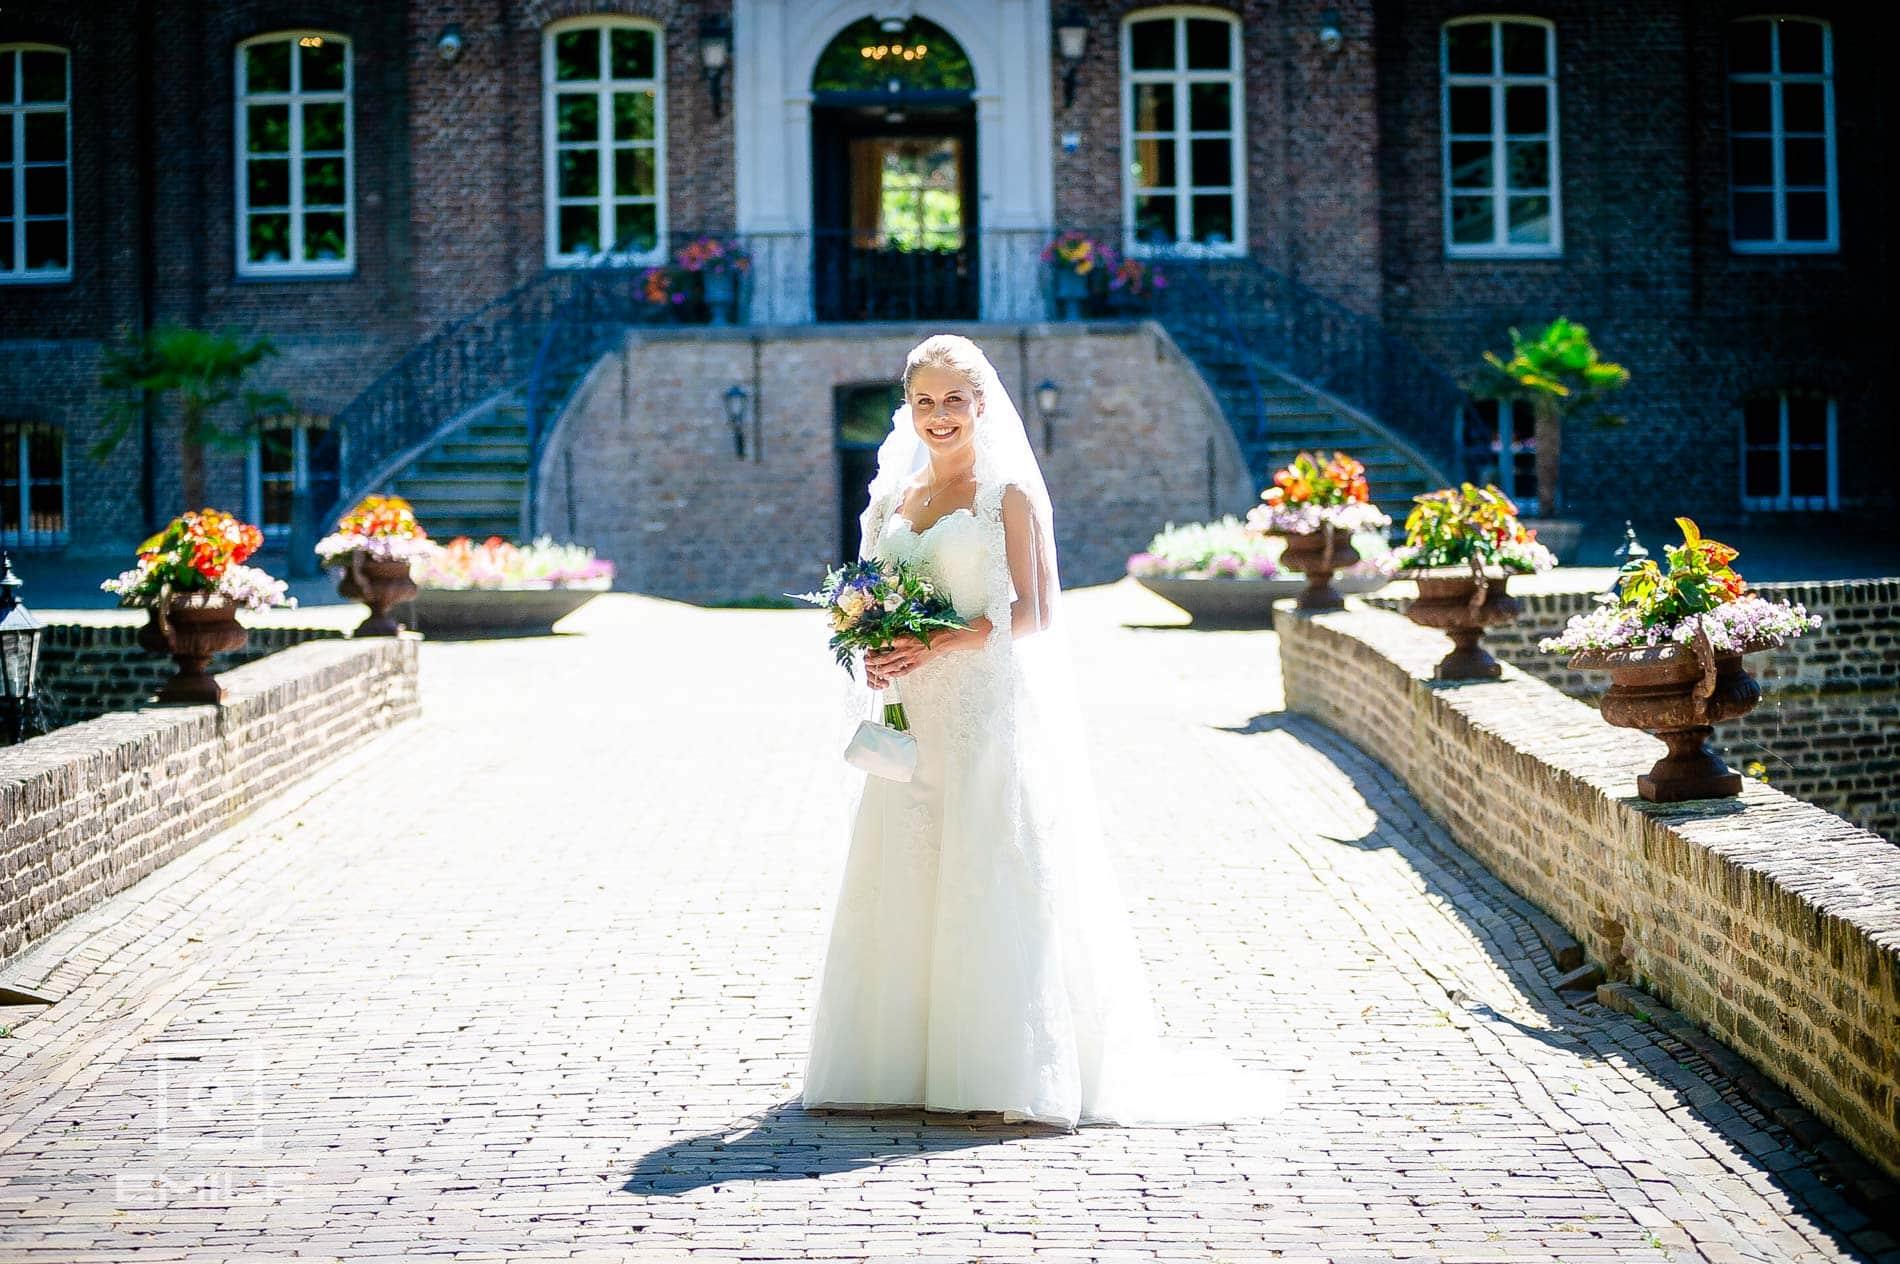 Bruidsfotograaf bij Kasteeltuinen Arcen, bruid staat voor het kasteel met boeket